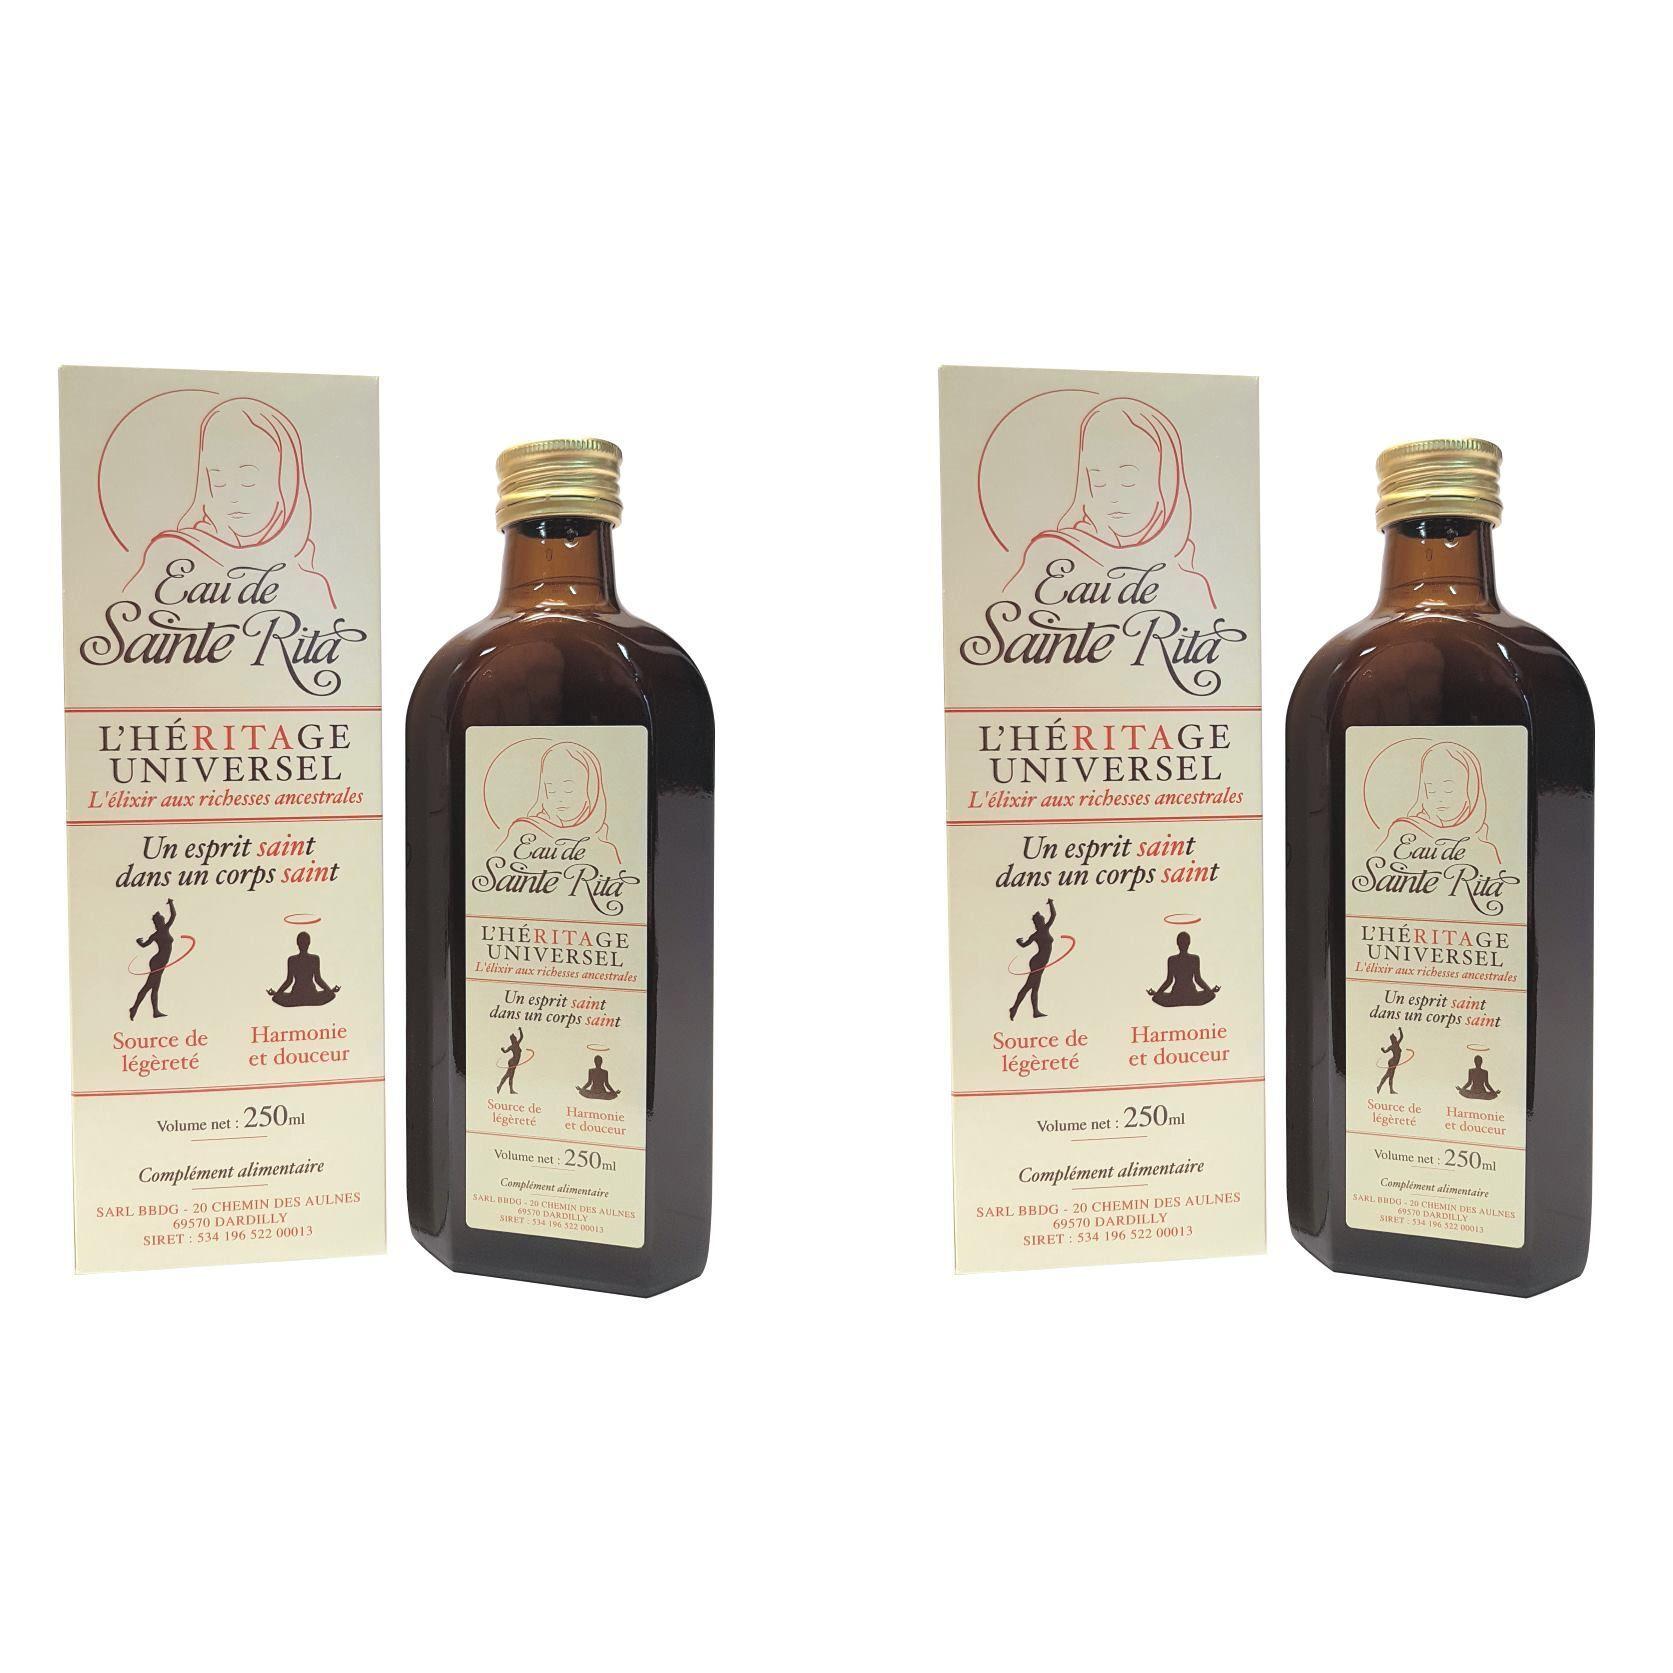 Eau de Sainte Rita avec alcool - lot de 2 flacons de 250 ml pour une cure d'un mois